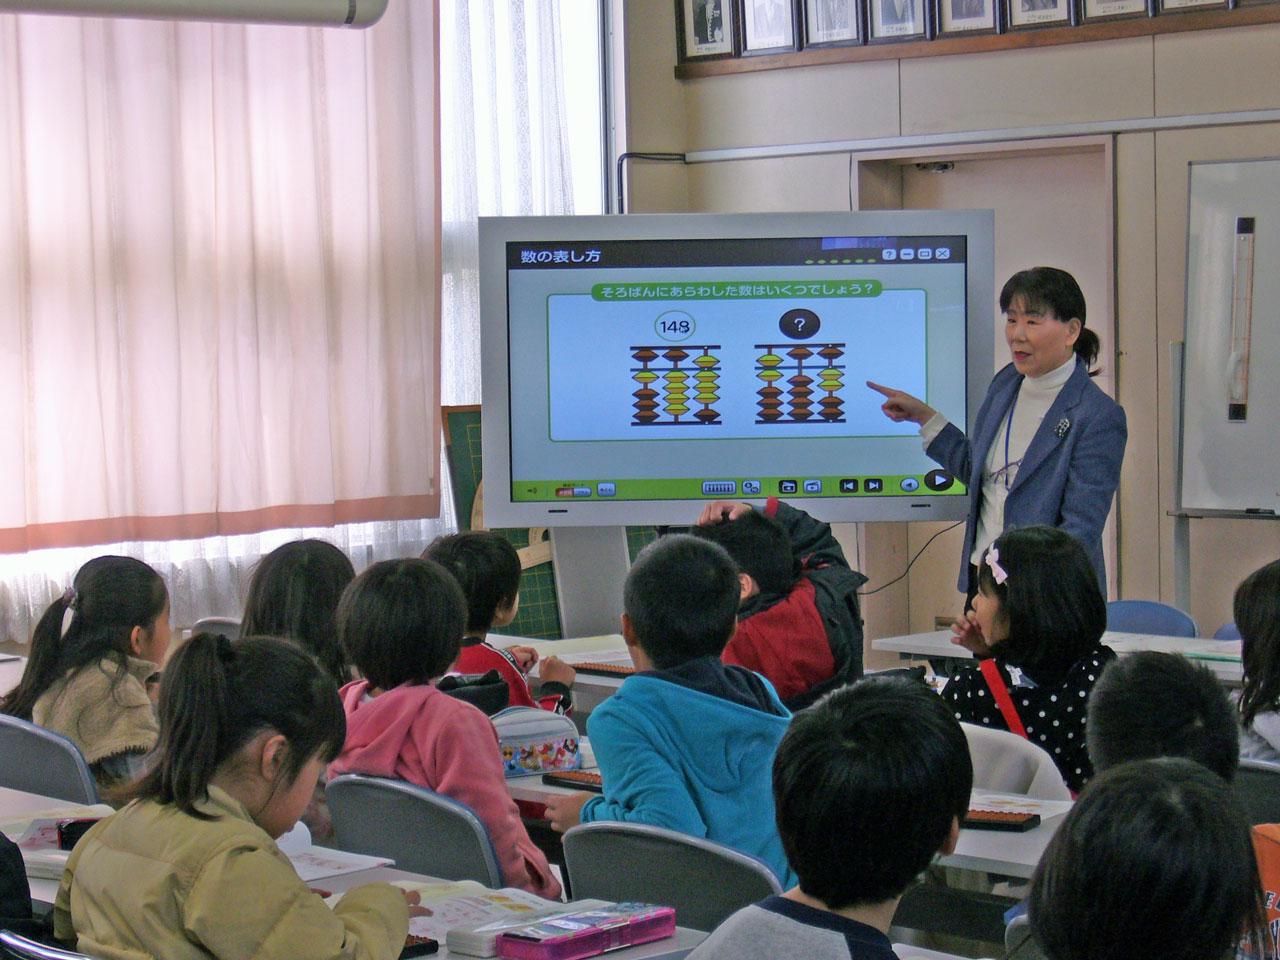 電子黒板を使ったそろばん授業